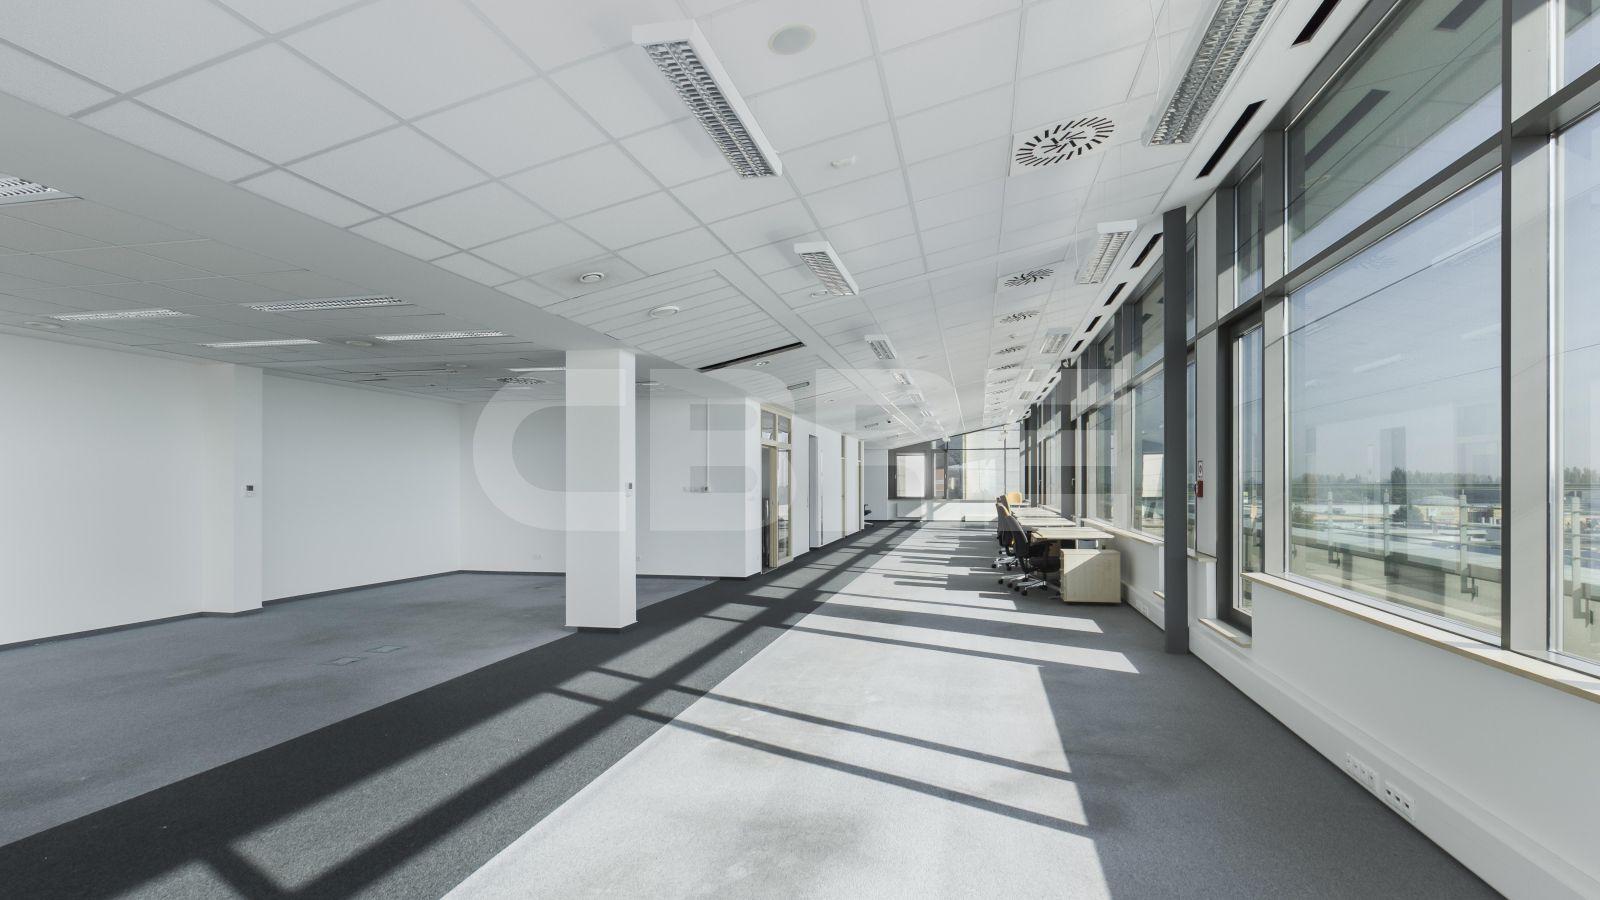 MicroStep - Vajnorská, Bratislava - Nové Mesto | Offices for rent by CBRE | 9